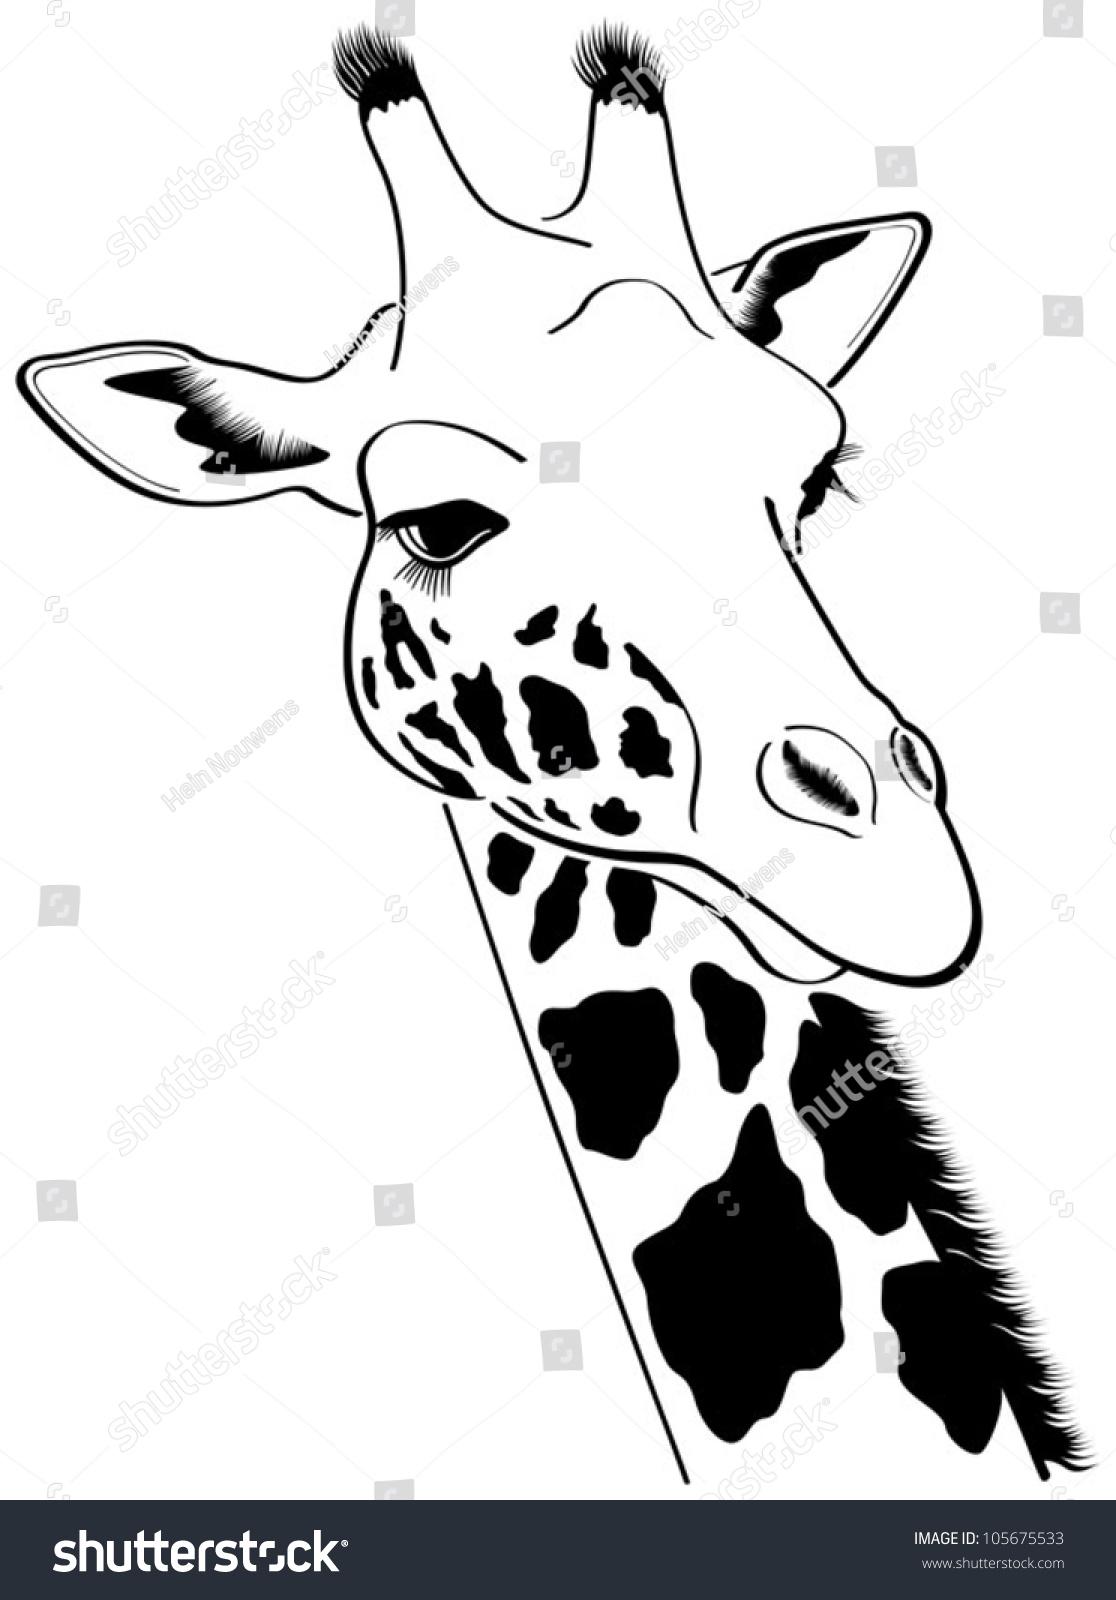 Giraffe Vector Illustration Stock Vector 105675533